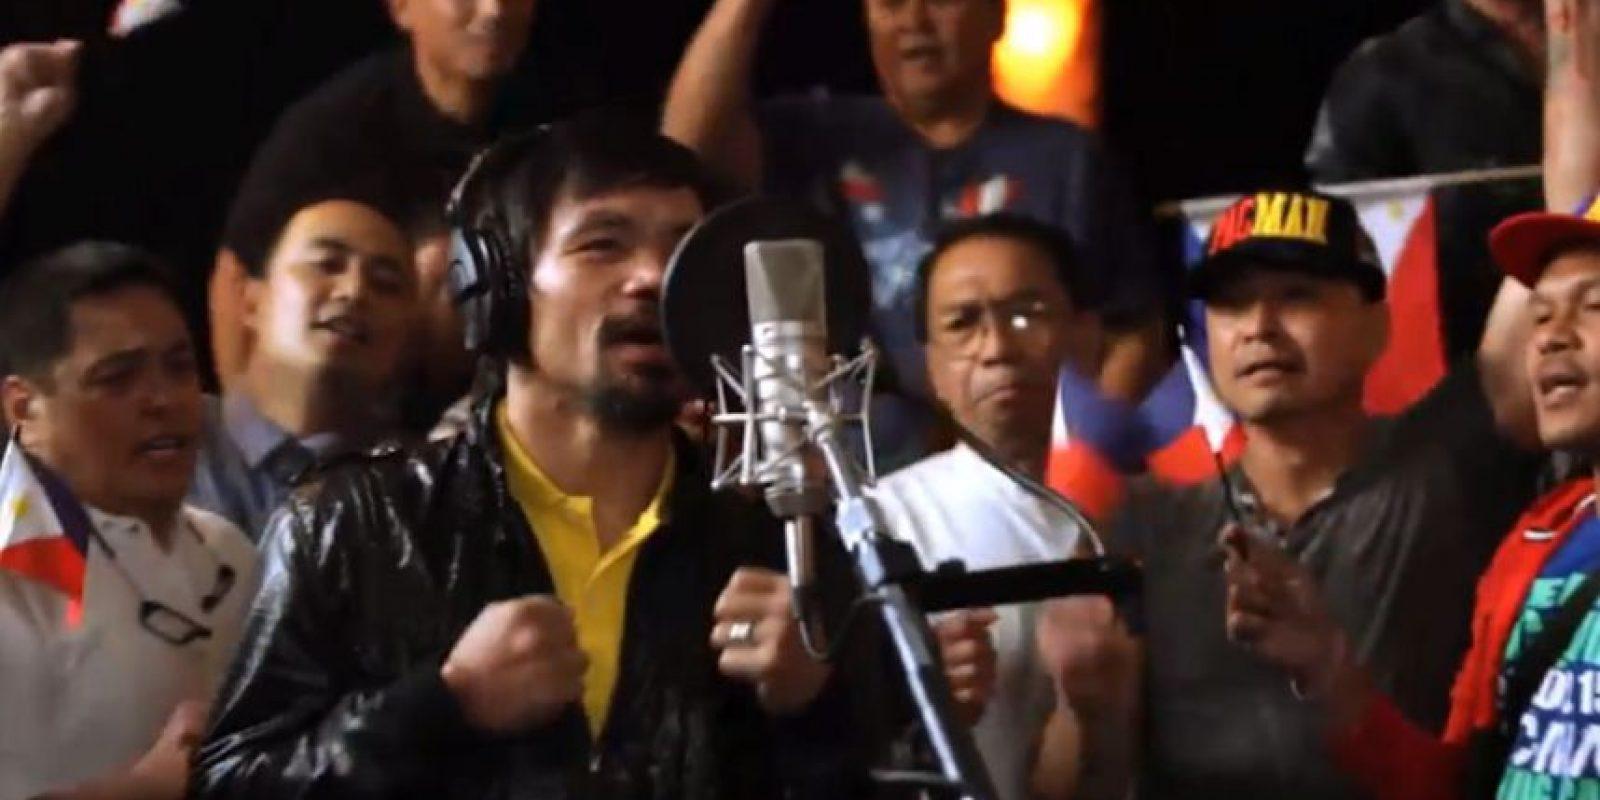 """""""Lalaban Ako Para Sa Filipino"""" es el título de la canción grabada por el boxeador, está en filipino, pero su nombre en español es """"Lucharé por los filipinos"""". Foto:Vía facebook.com/MannyPacquiao"""